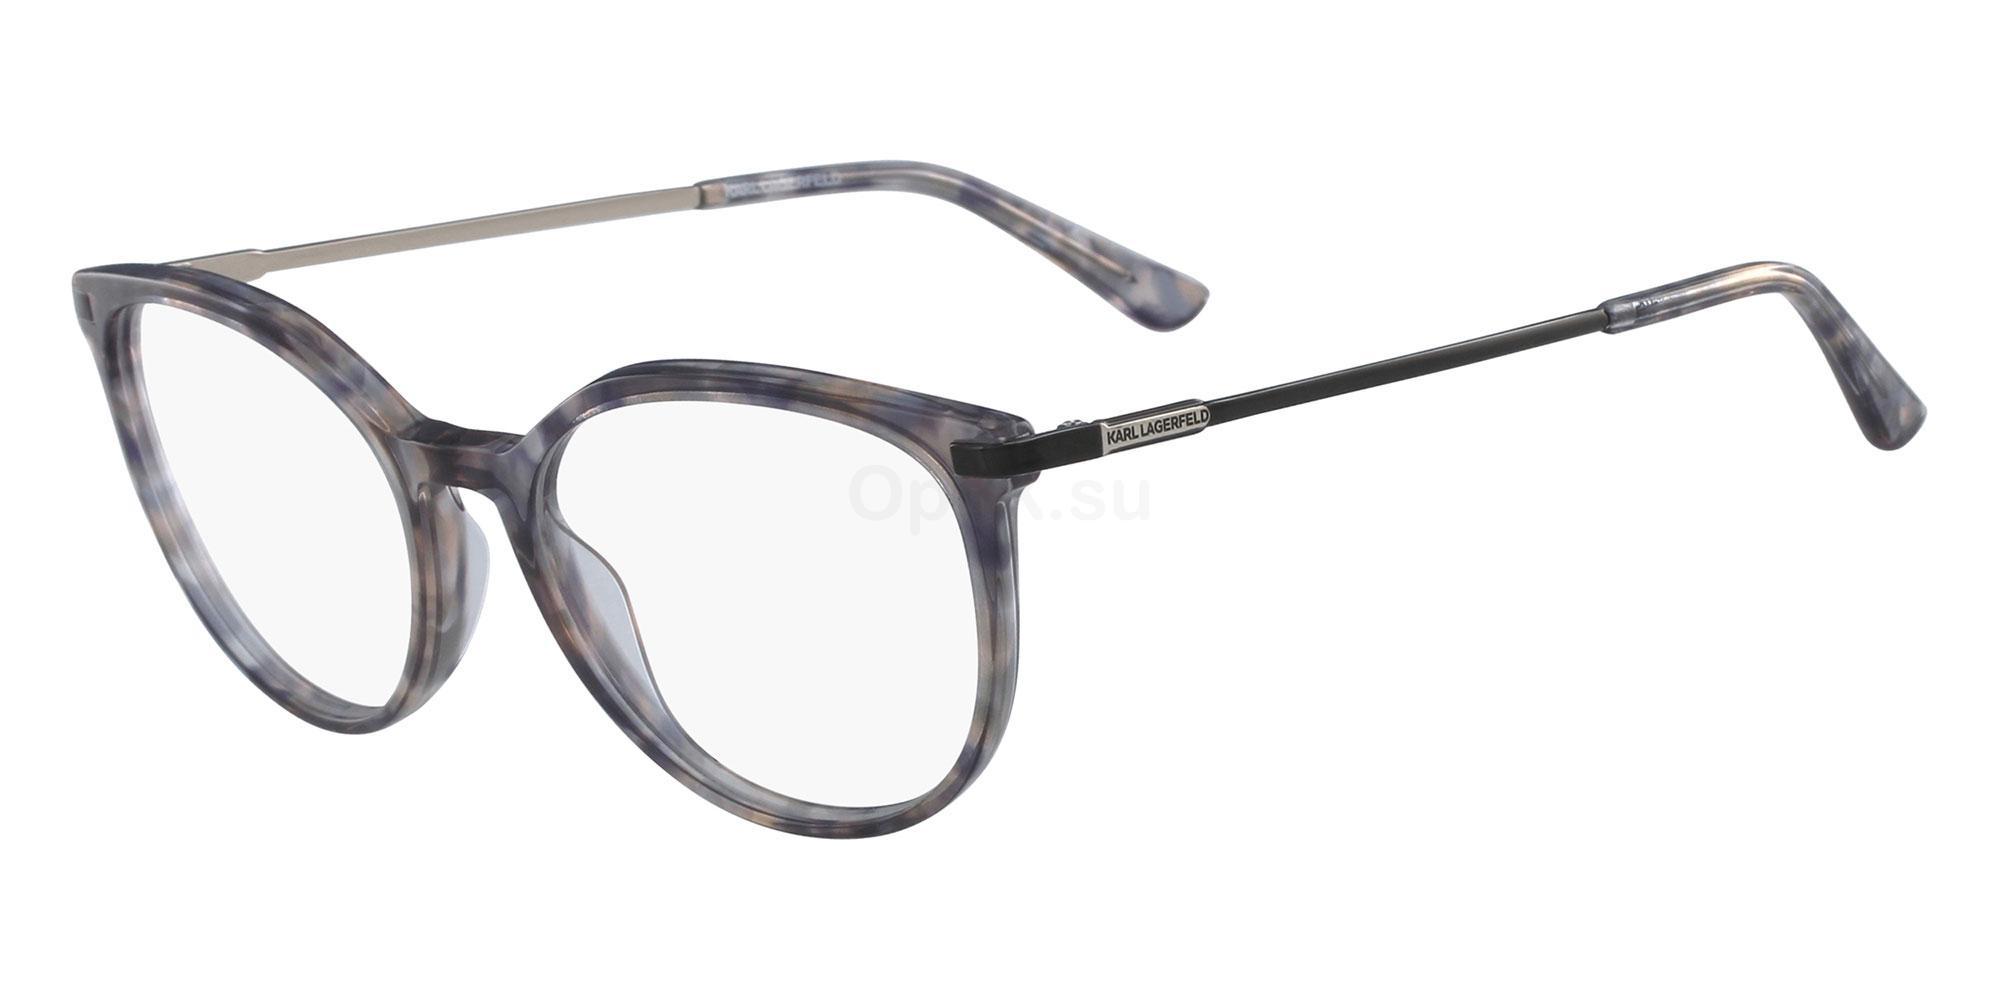 032 KL964 Glasses, Karl Lagerfeld